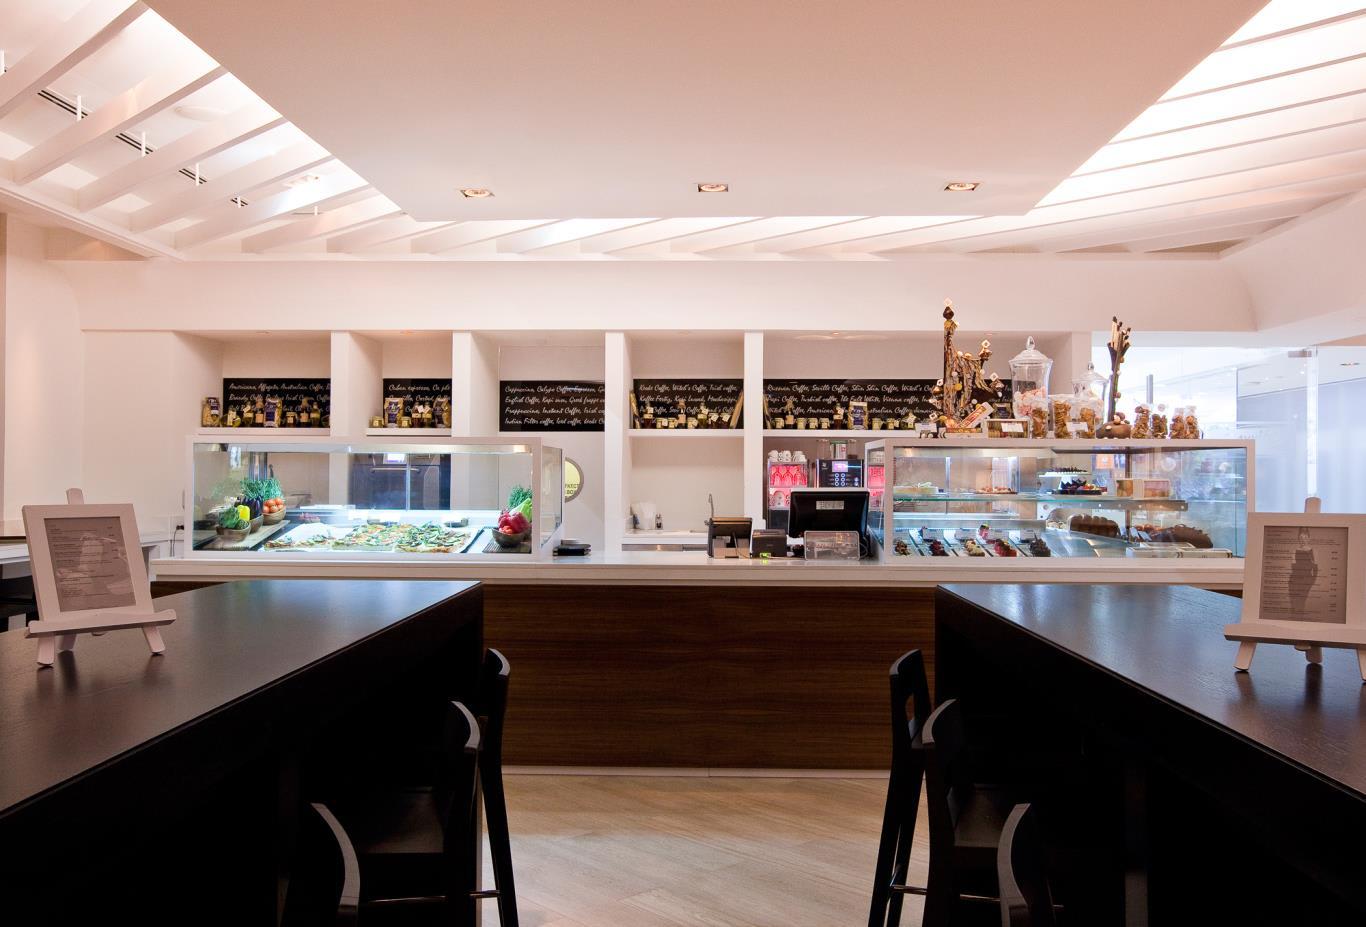 Cafe Via